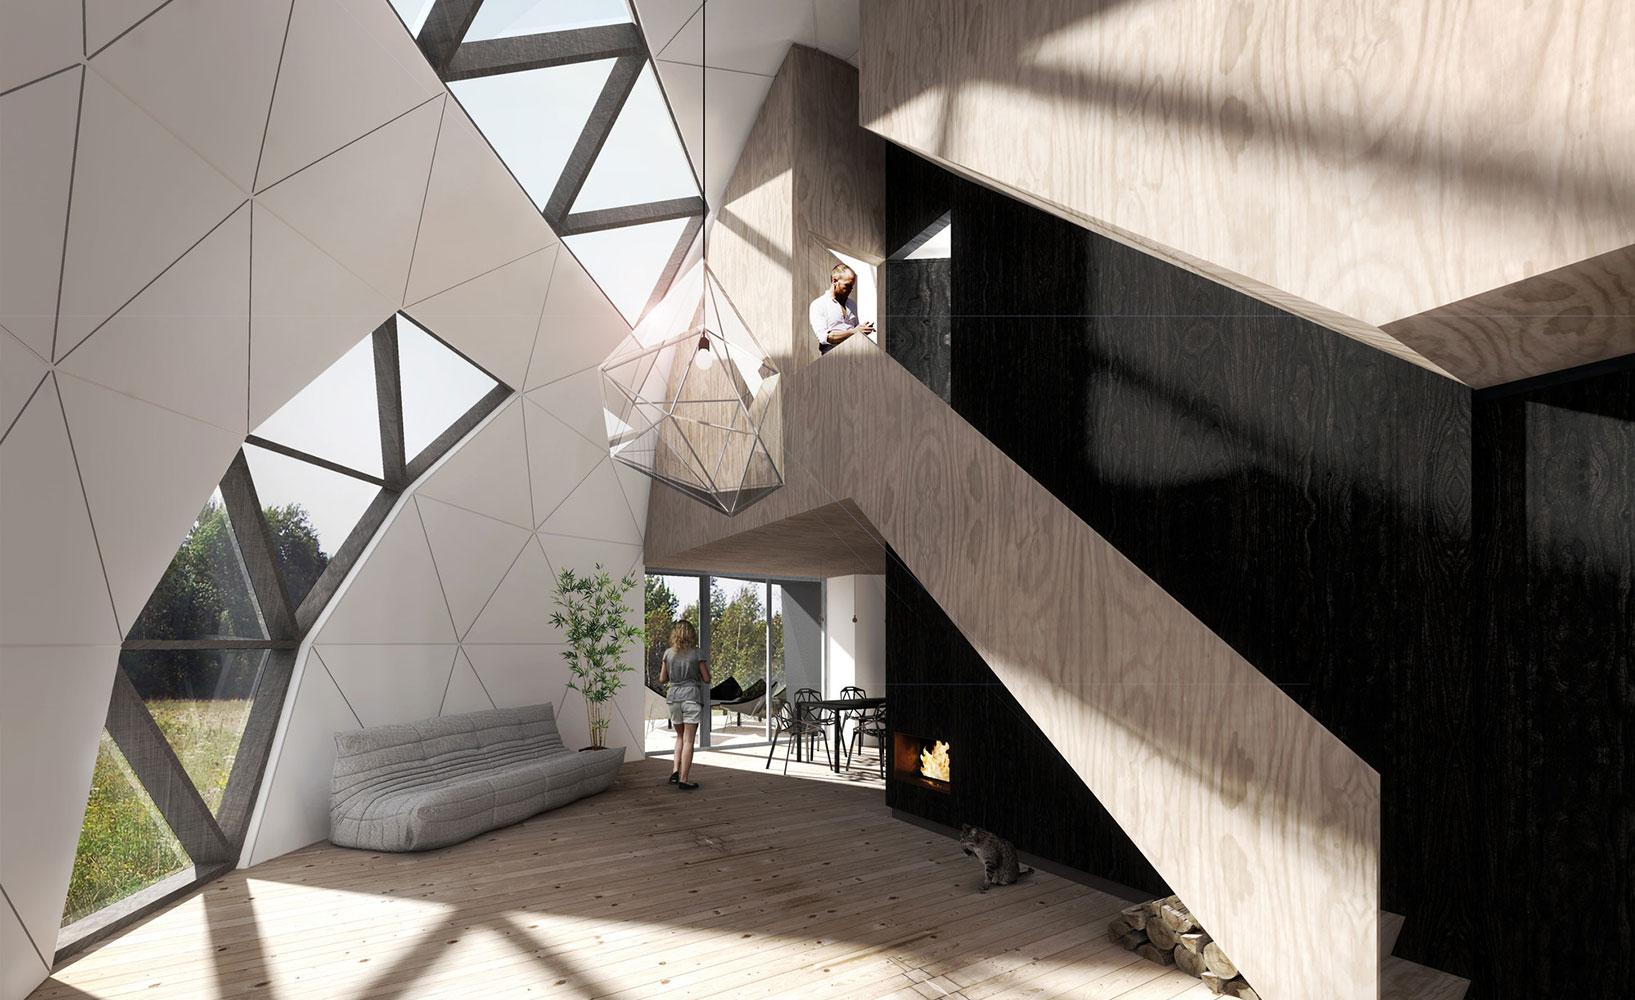 superior einfache dekoration und mobel dome das etwas andere mobilheim aus lettland #1: DOME NRJA